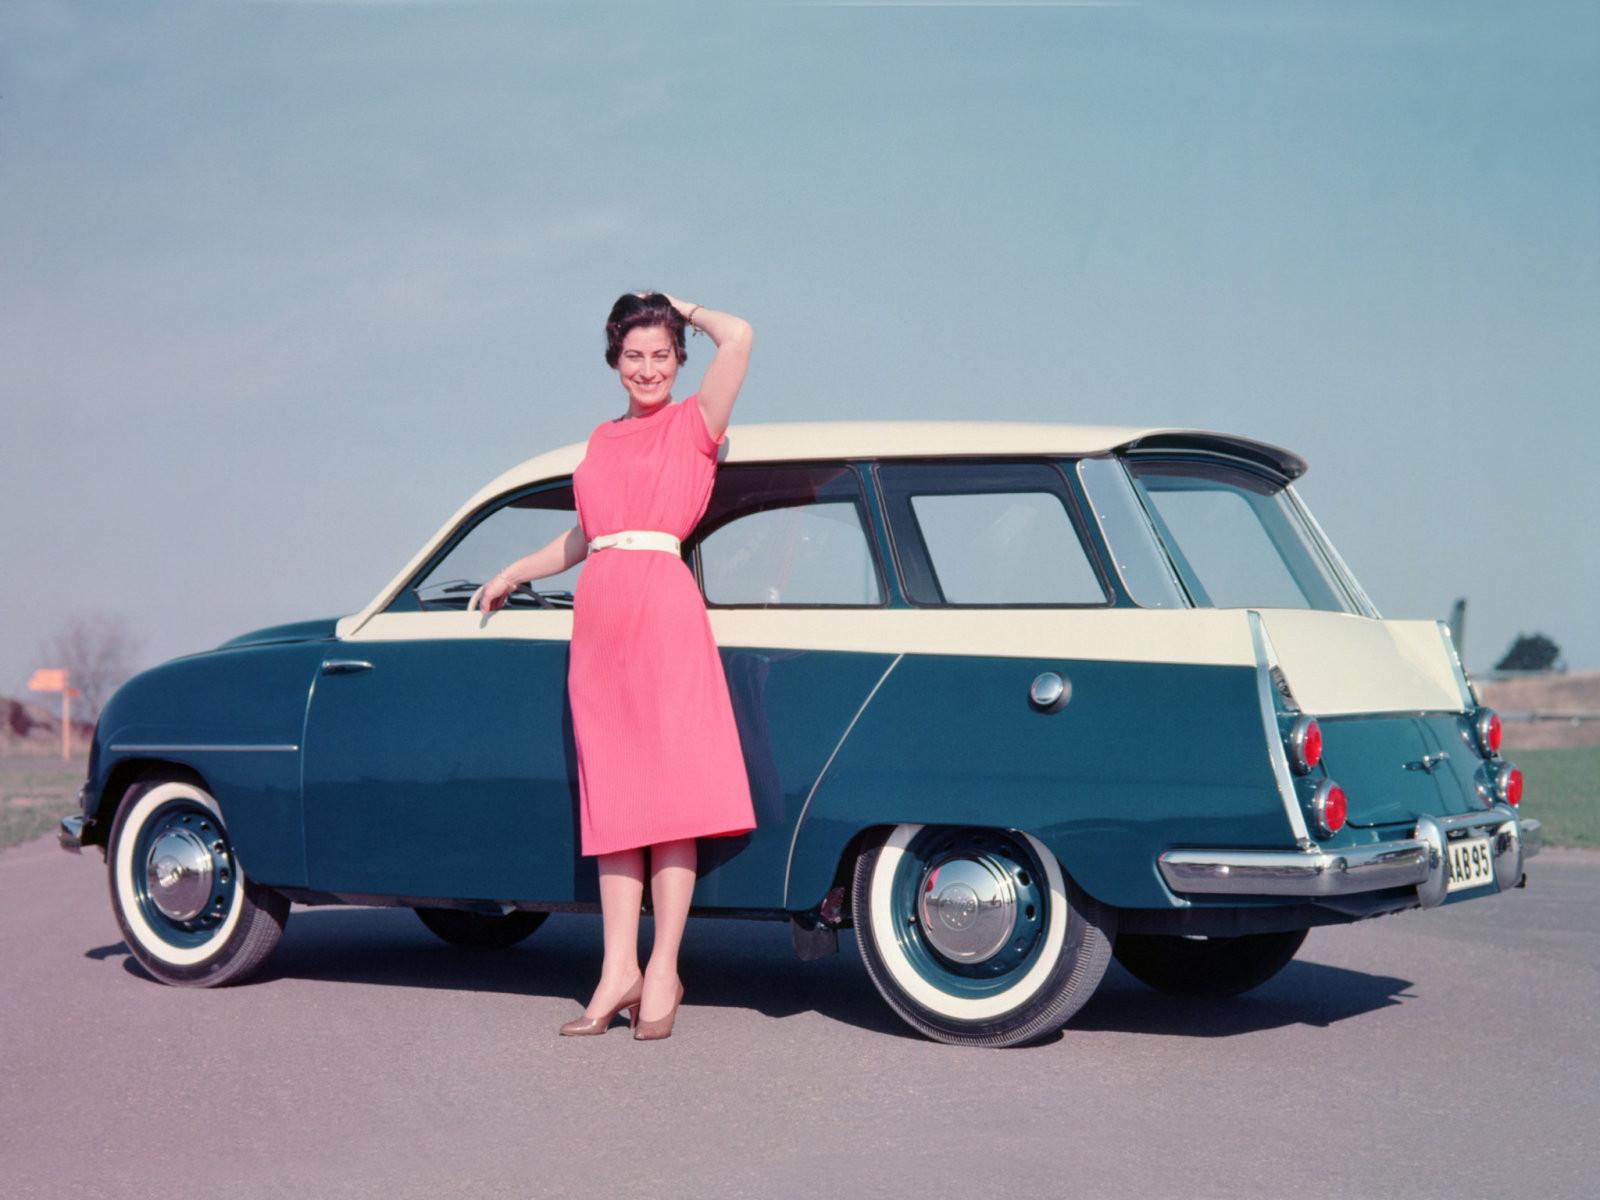 СААБ 95 (1959 - 1960)